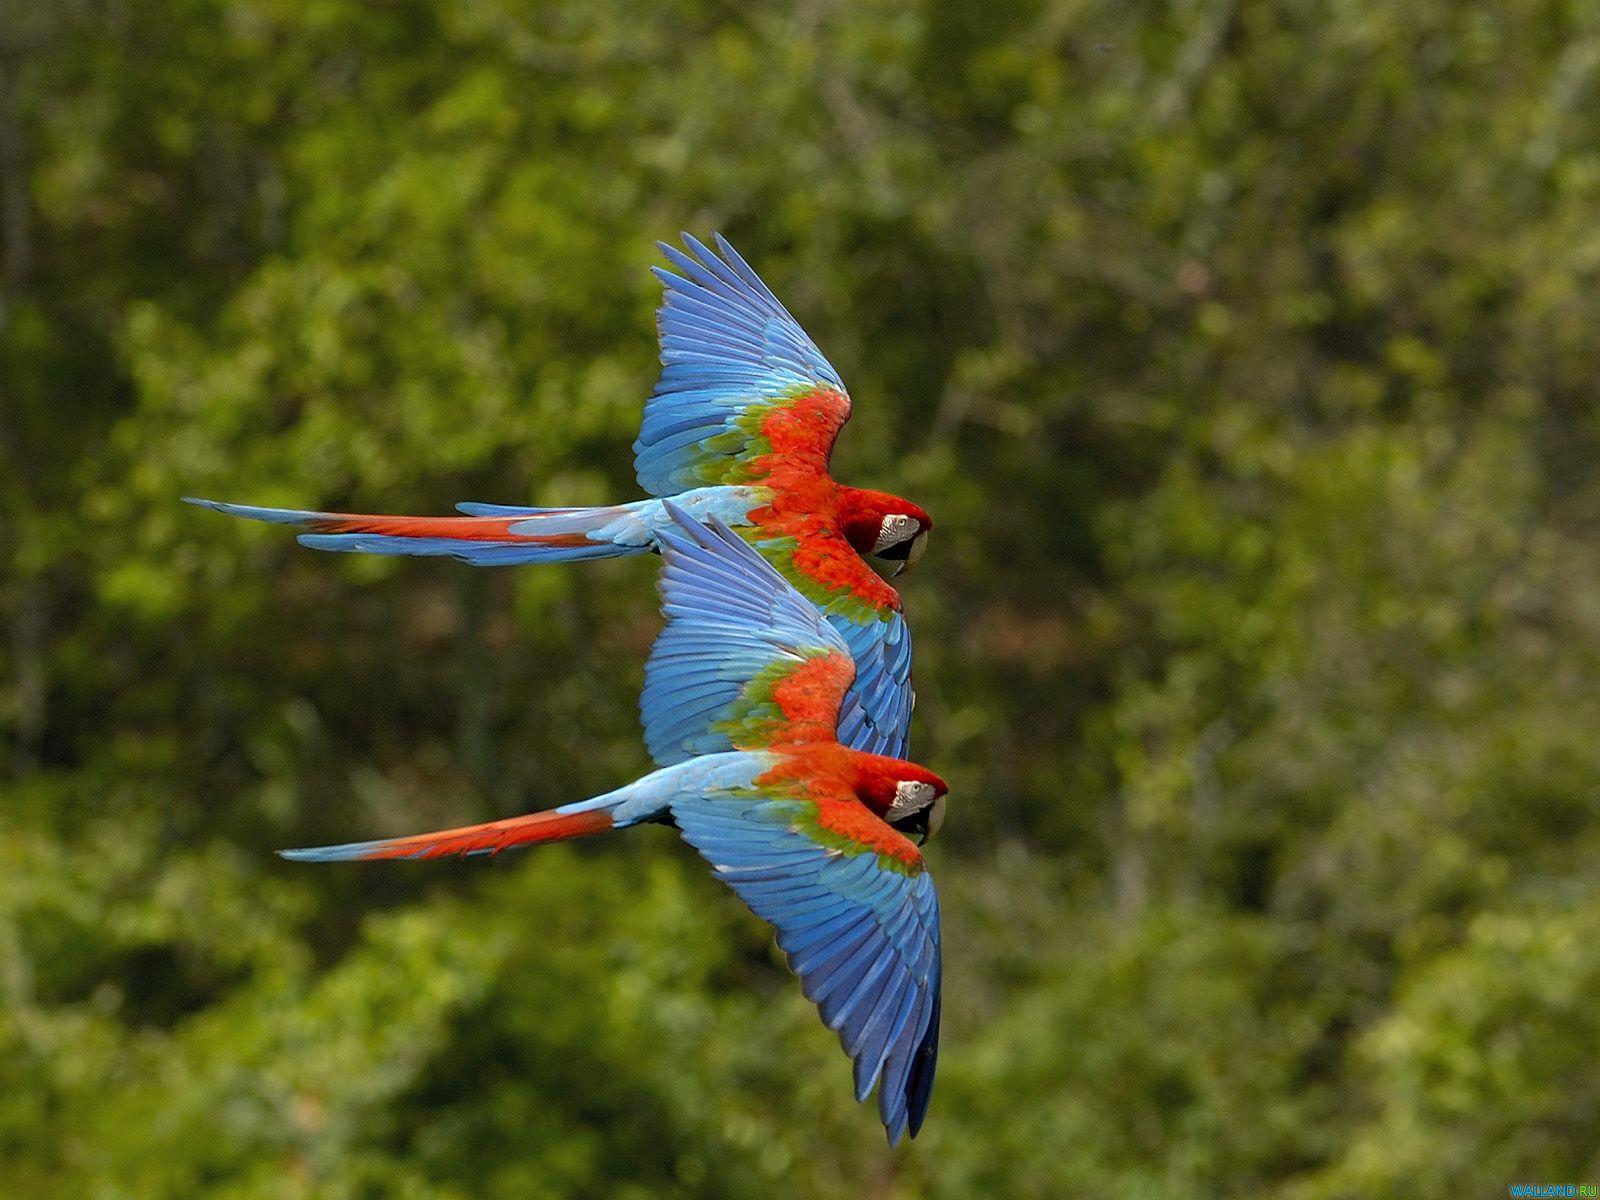 два сине-красных попугая летят на фоне деревьев, скачать фото, обои для рабочего стола